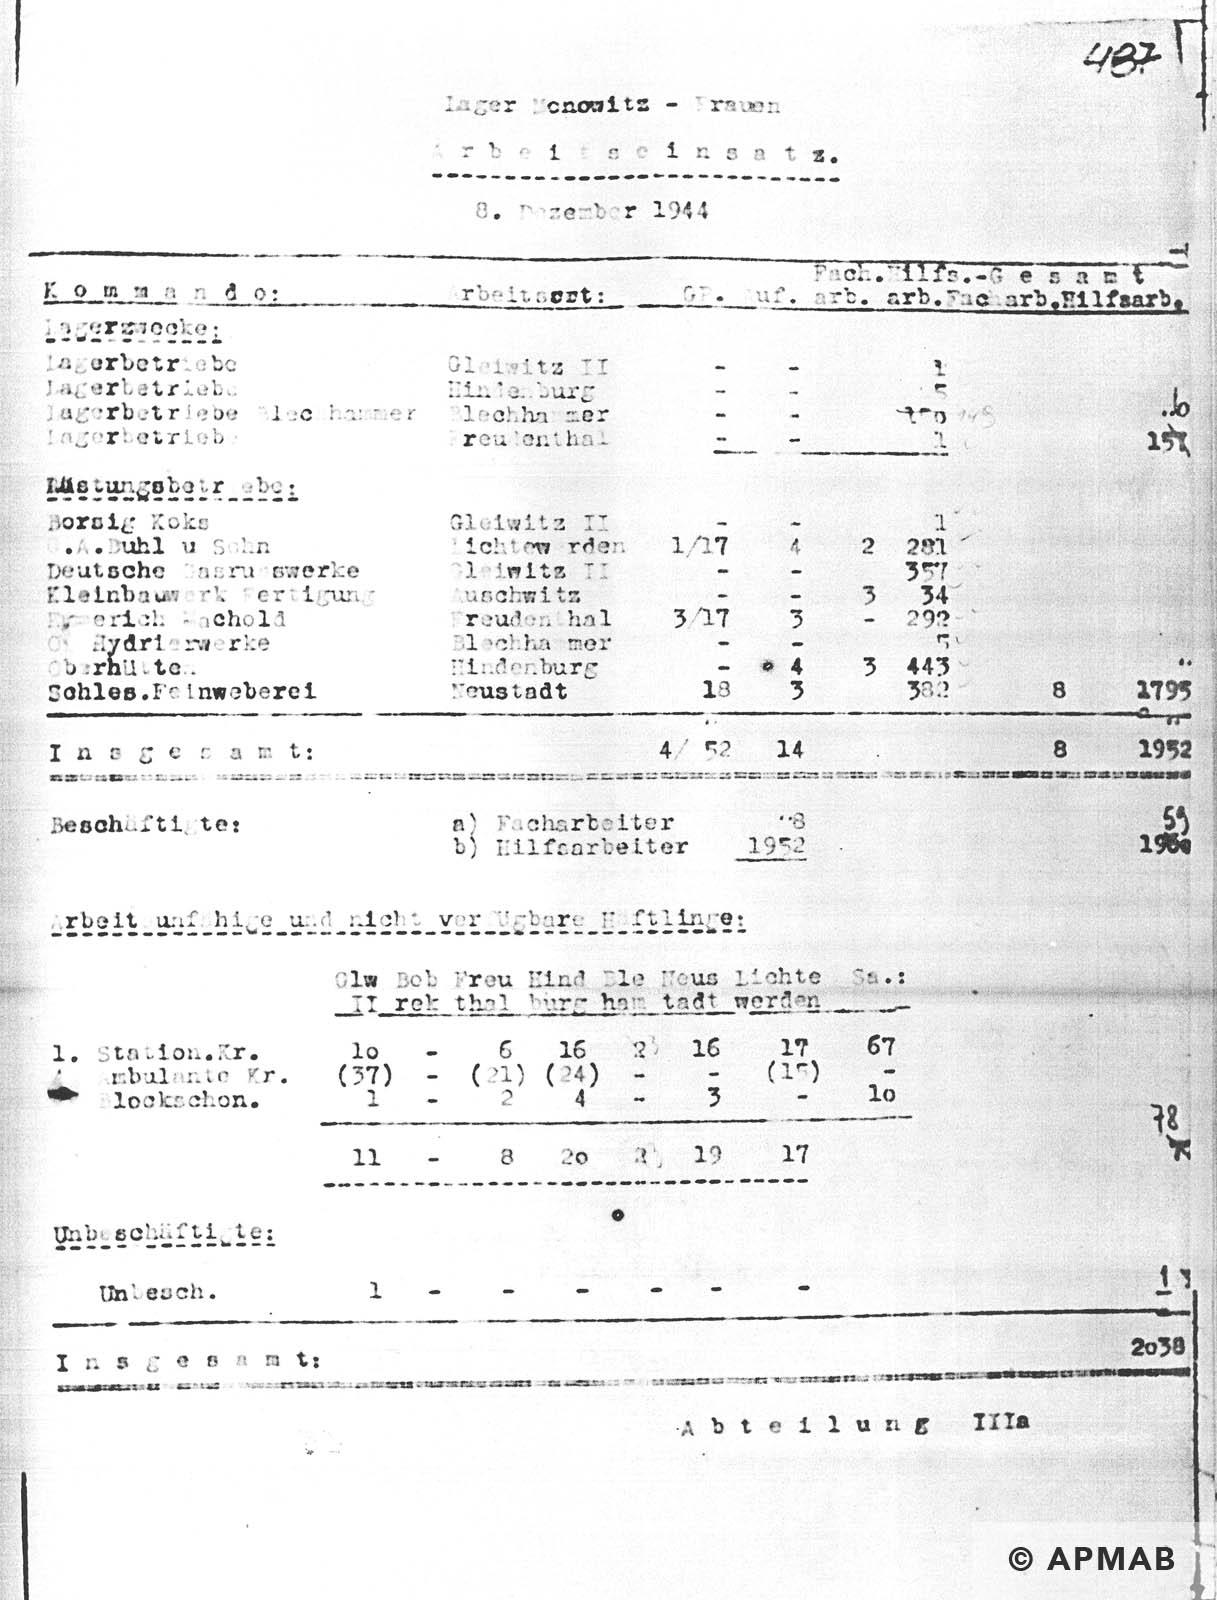 Female prisoner numbers APMAB NR INW. 30431